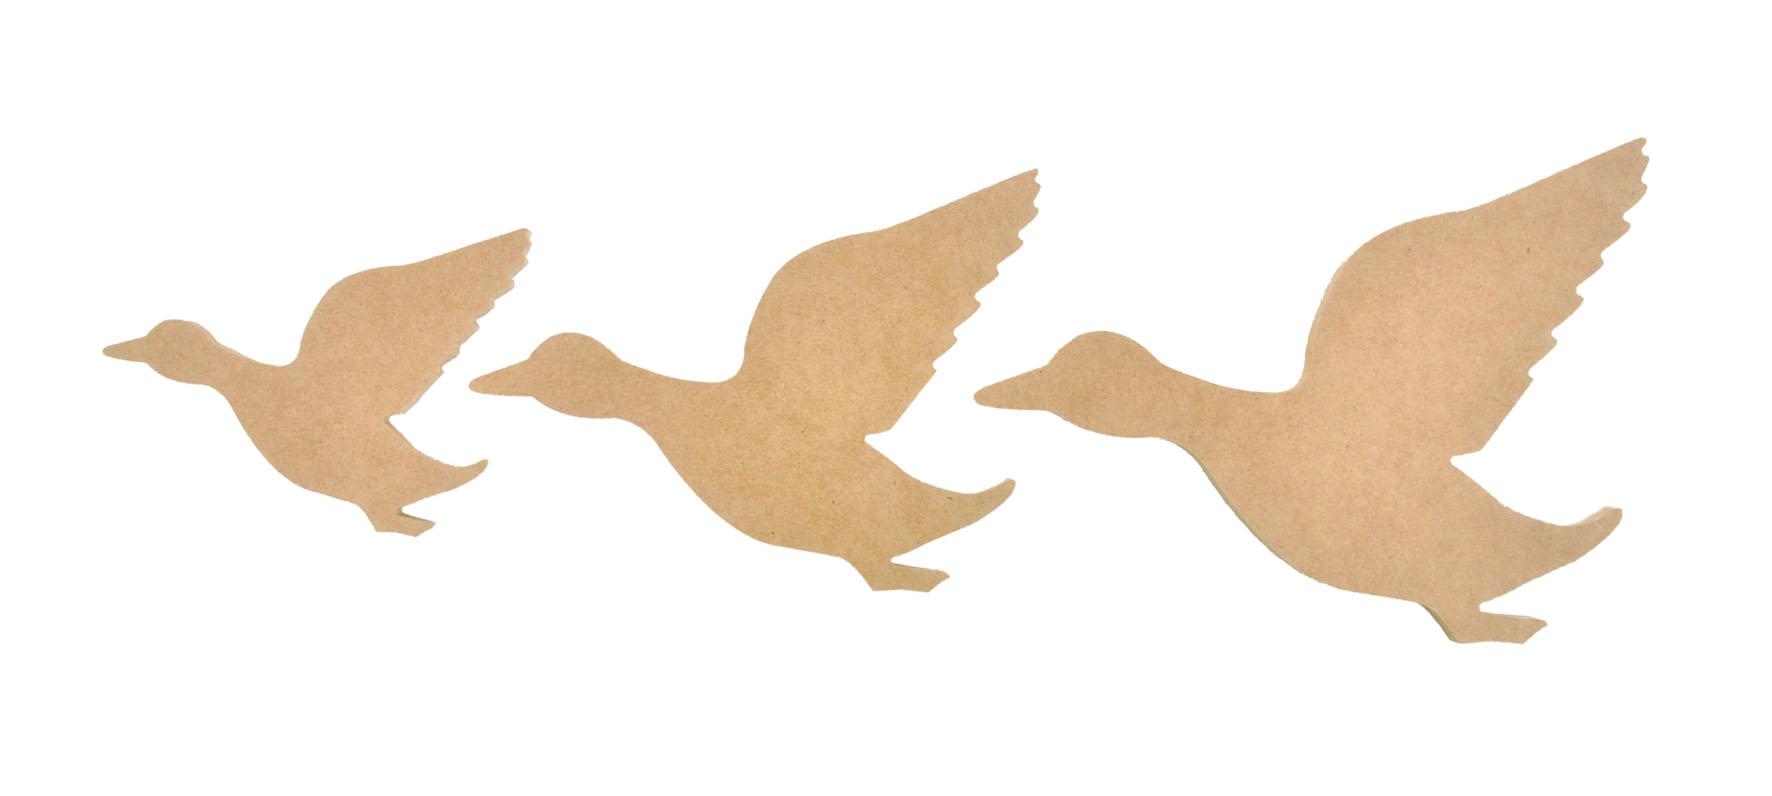 1772x796 Sb2087 Flying Ducks